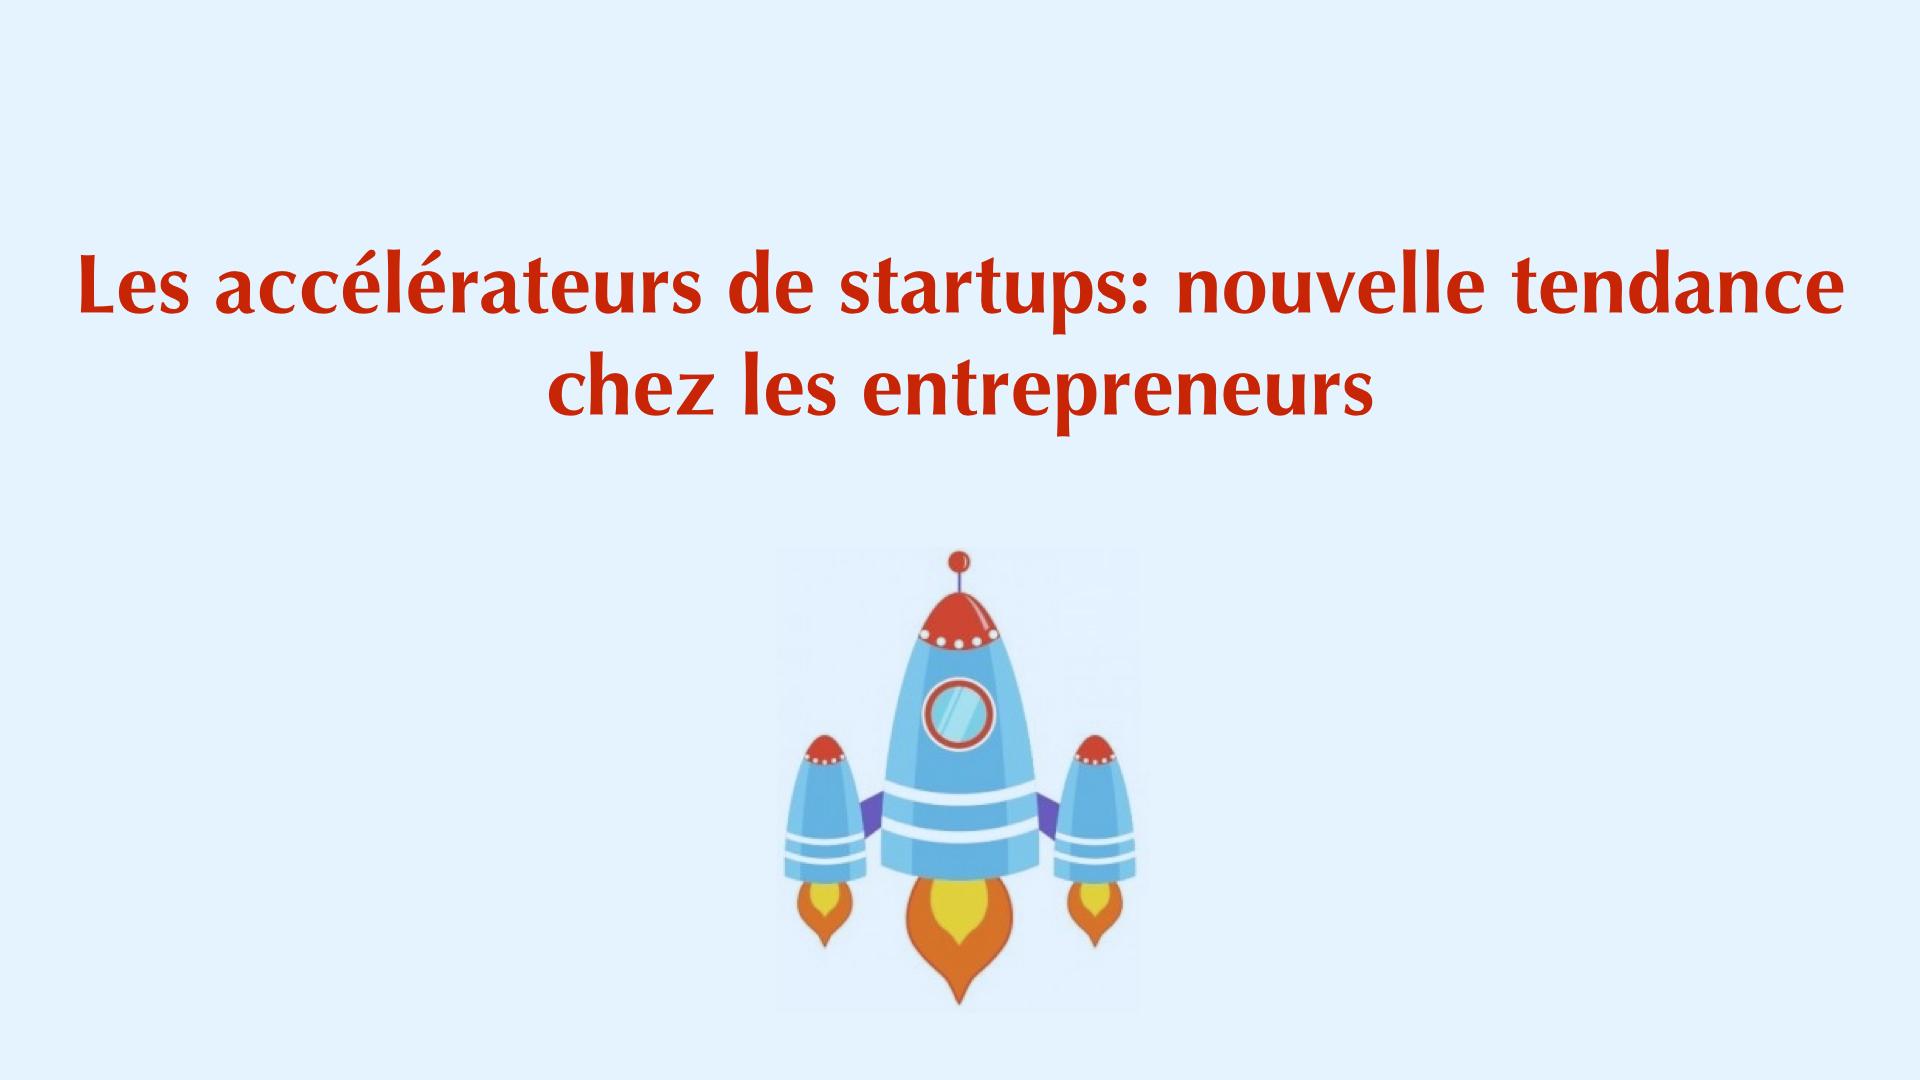 Alexandre Goujon: Les accélérateurs de startups, une nouvelle tendance